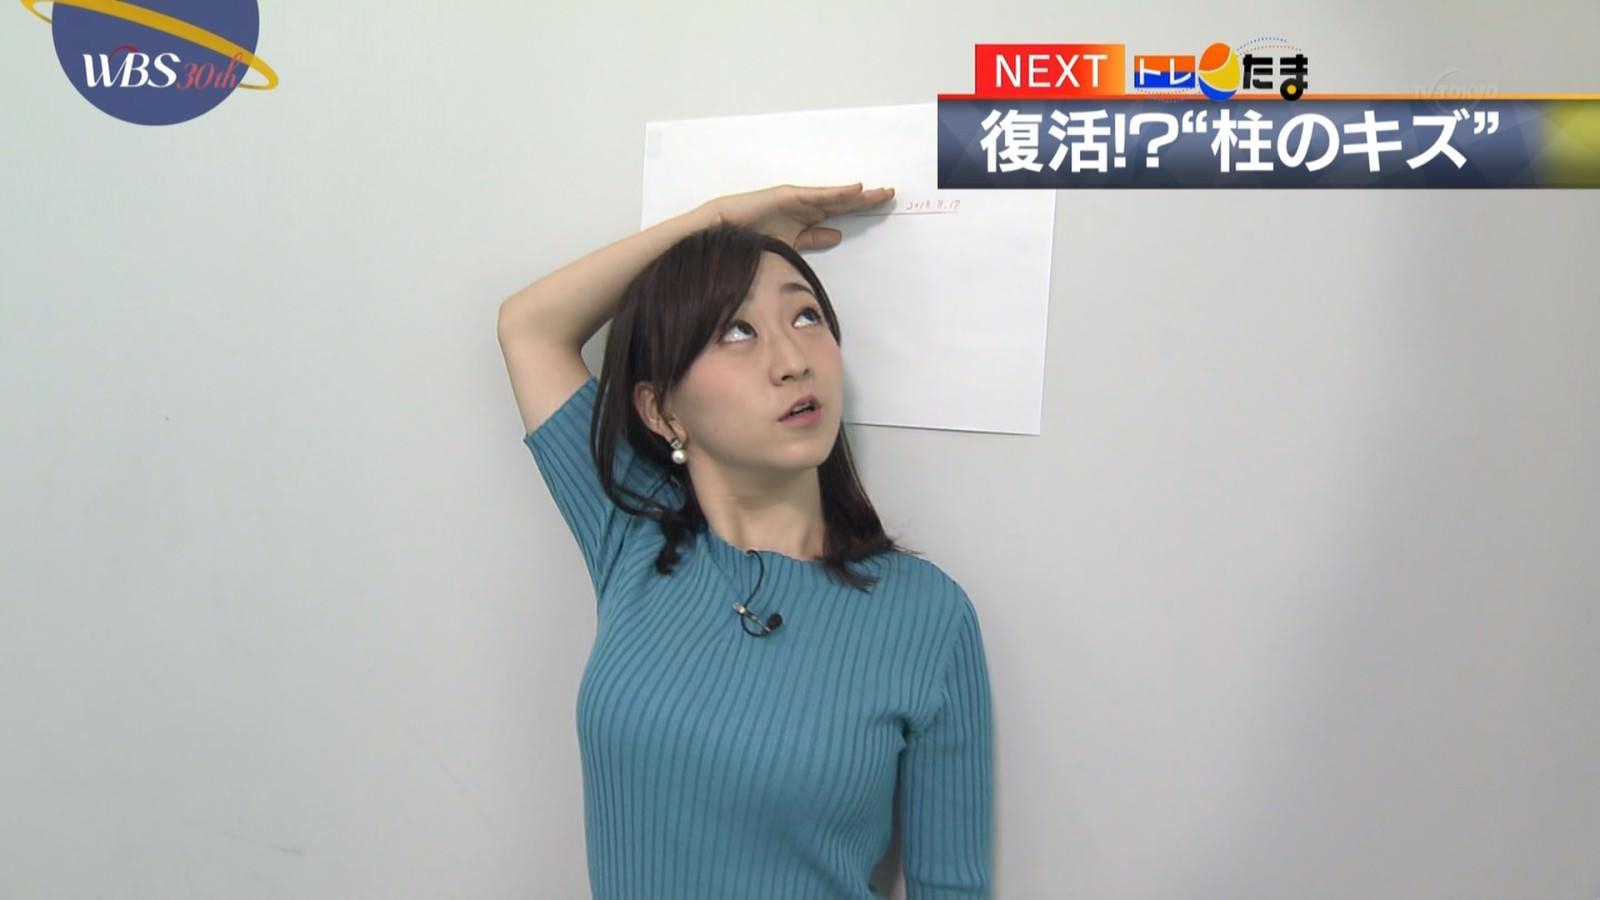 (写真)片渕茜アナ、ニットお乳にしか目が行かないと話題に